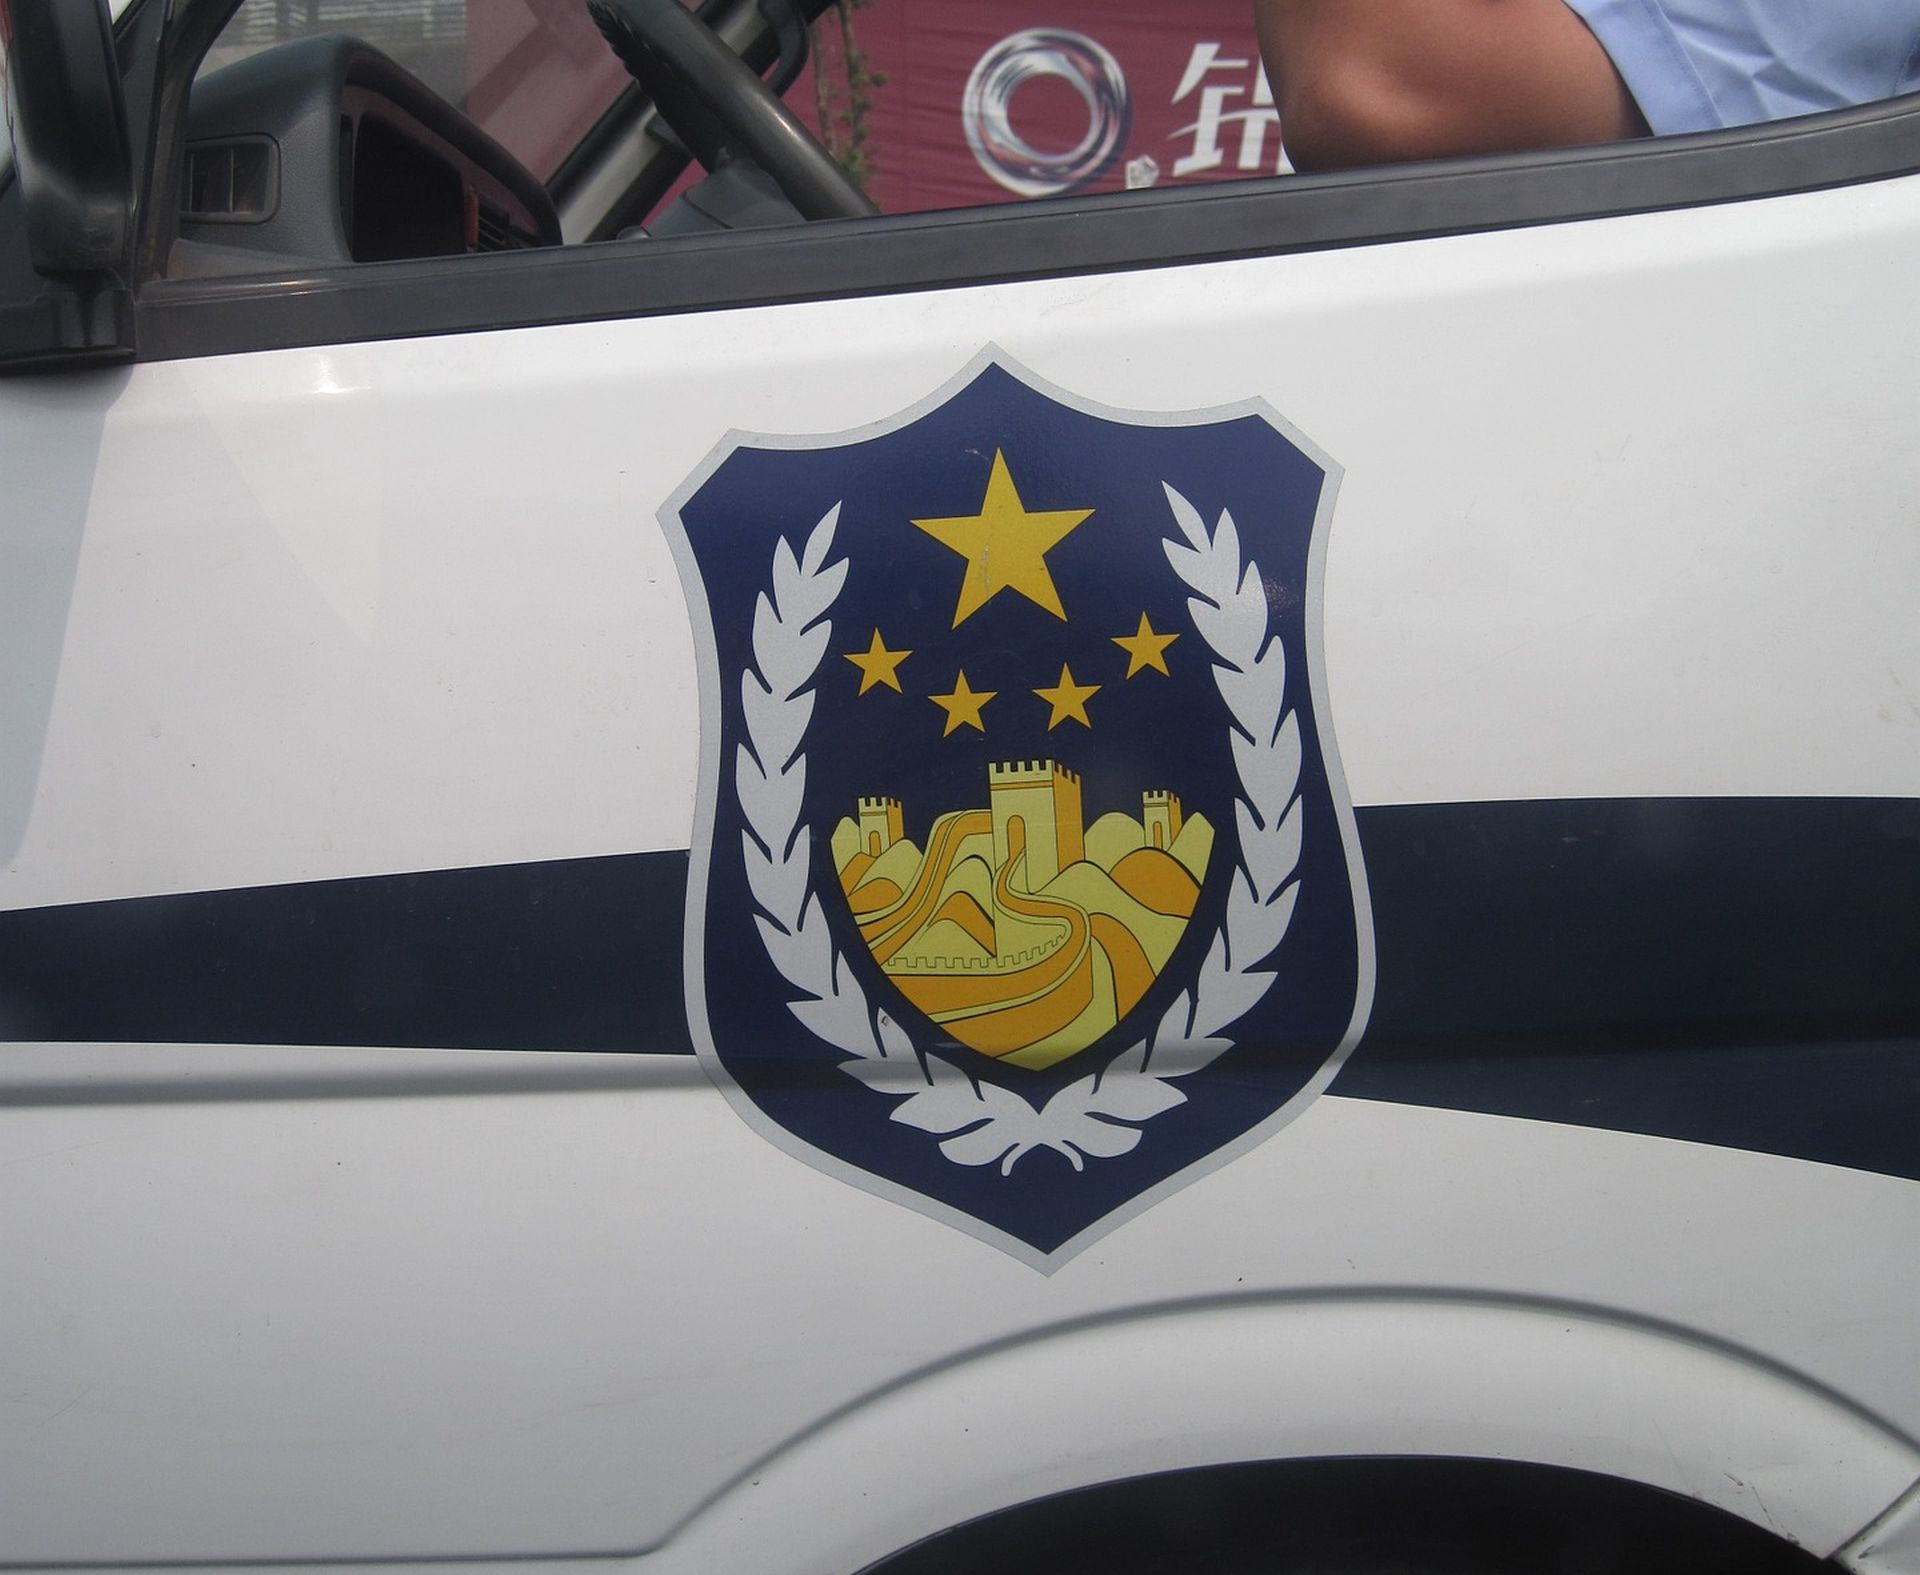 OTMICA AUTOBUSA U KINI Pet osoba mrtvo, više od 20 ozlijeđeno